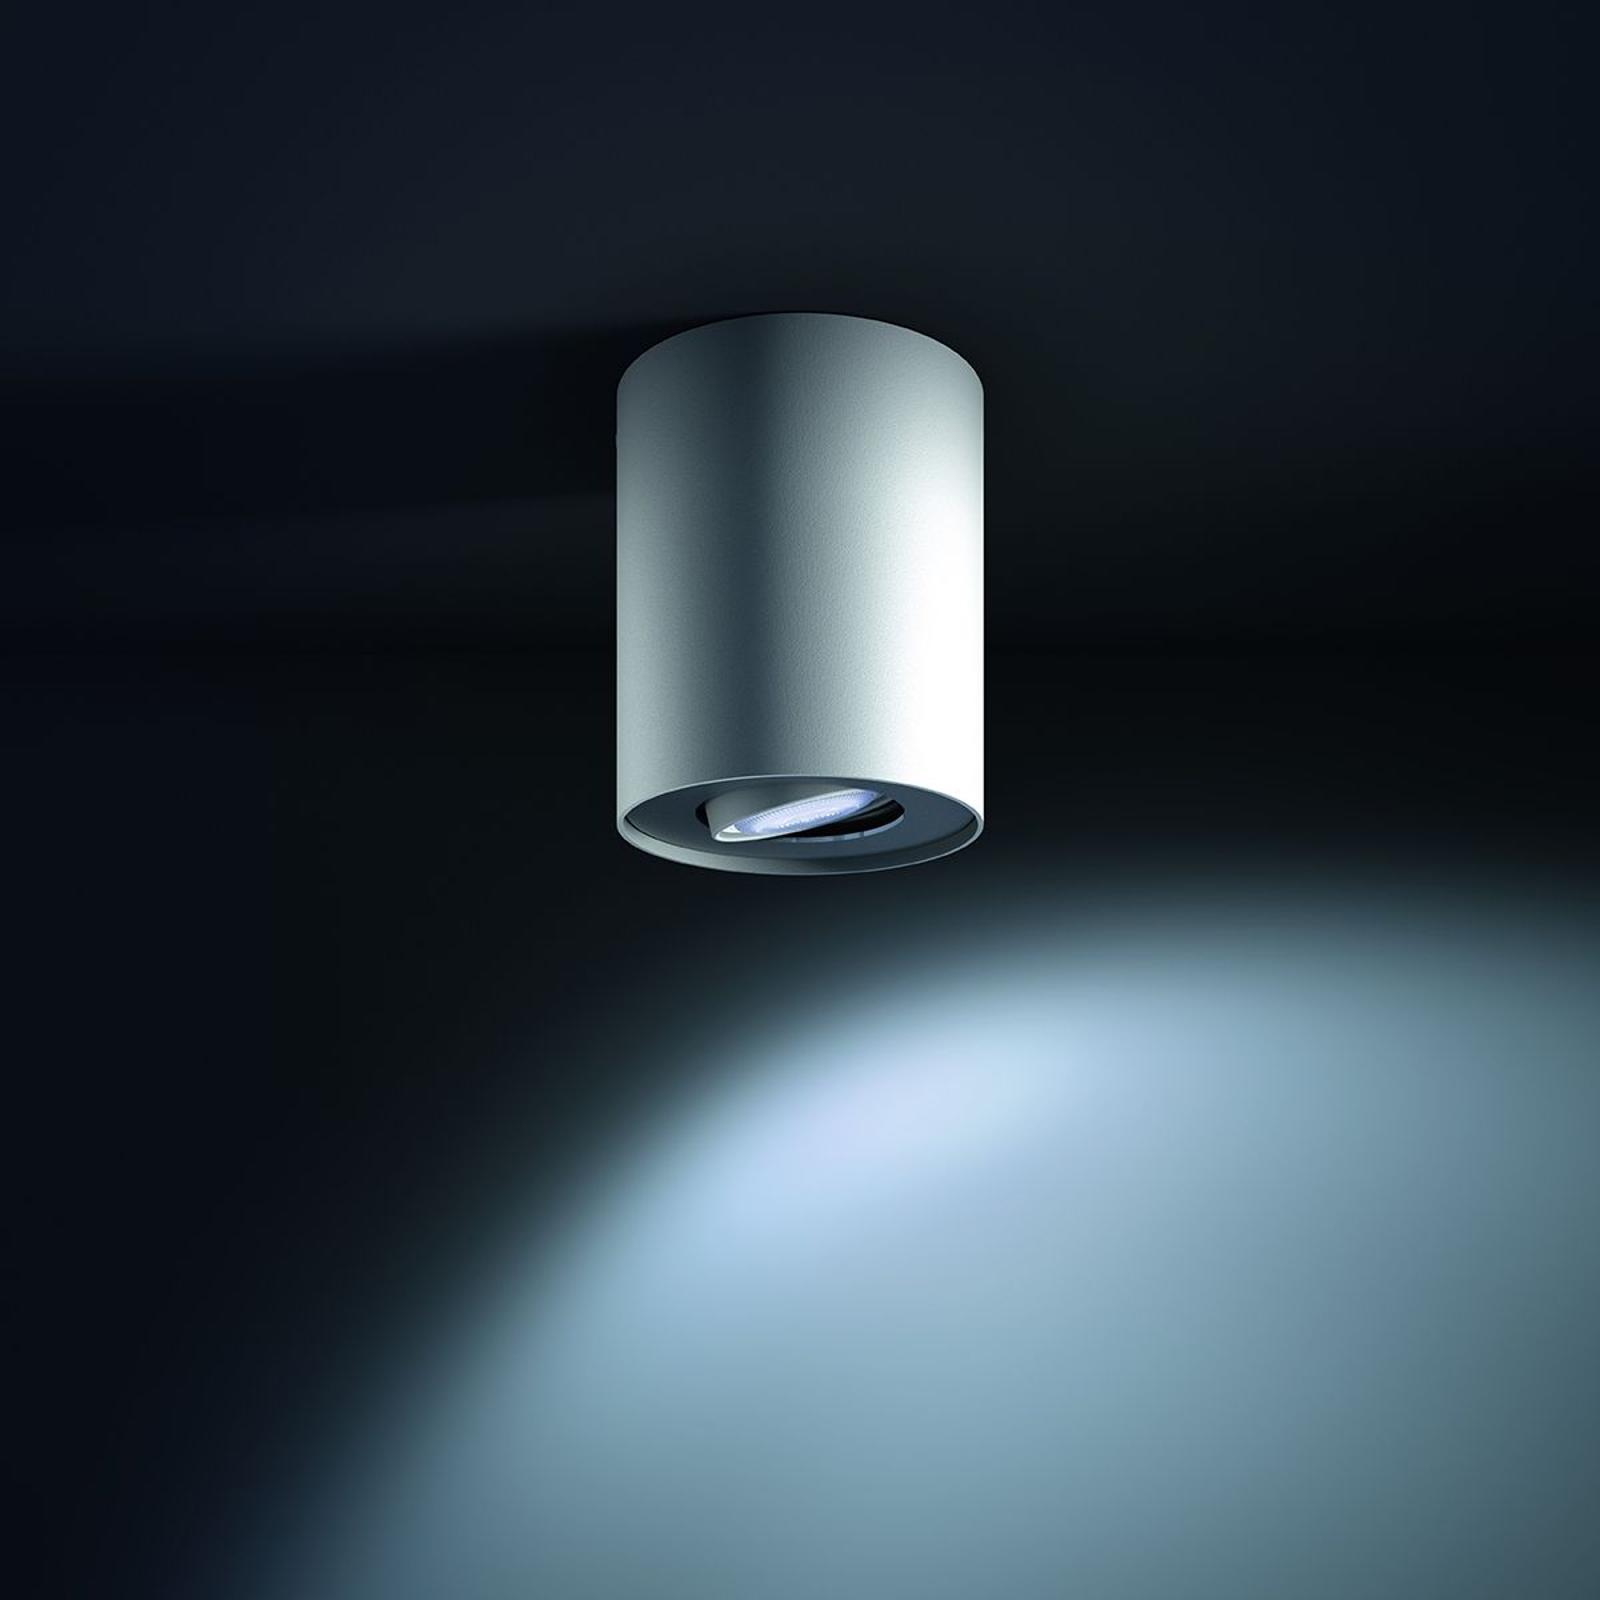 Philips Hue Pillar spot LED dimmer, bianco